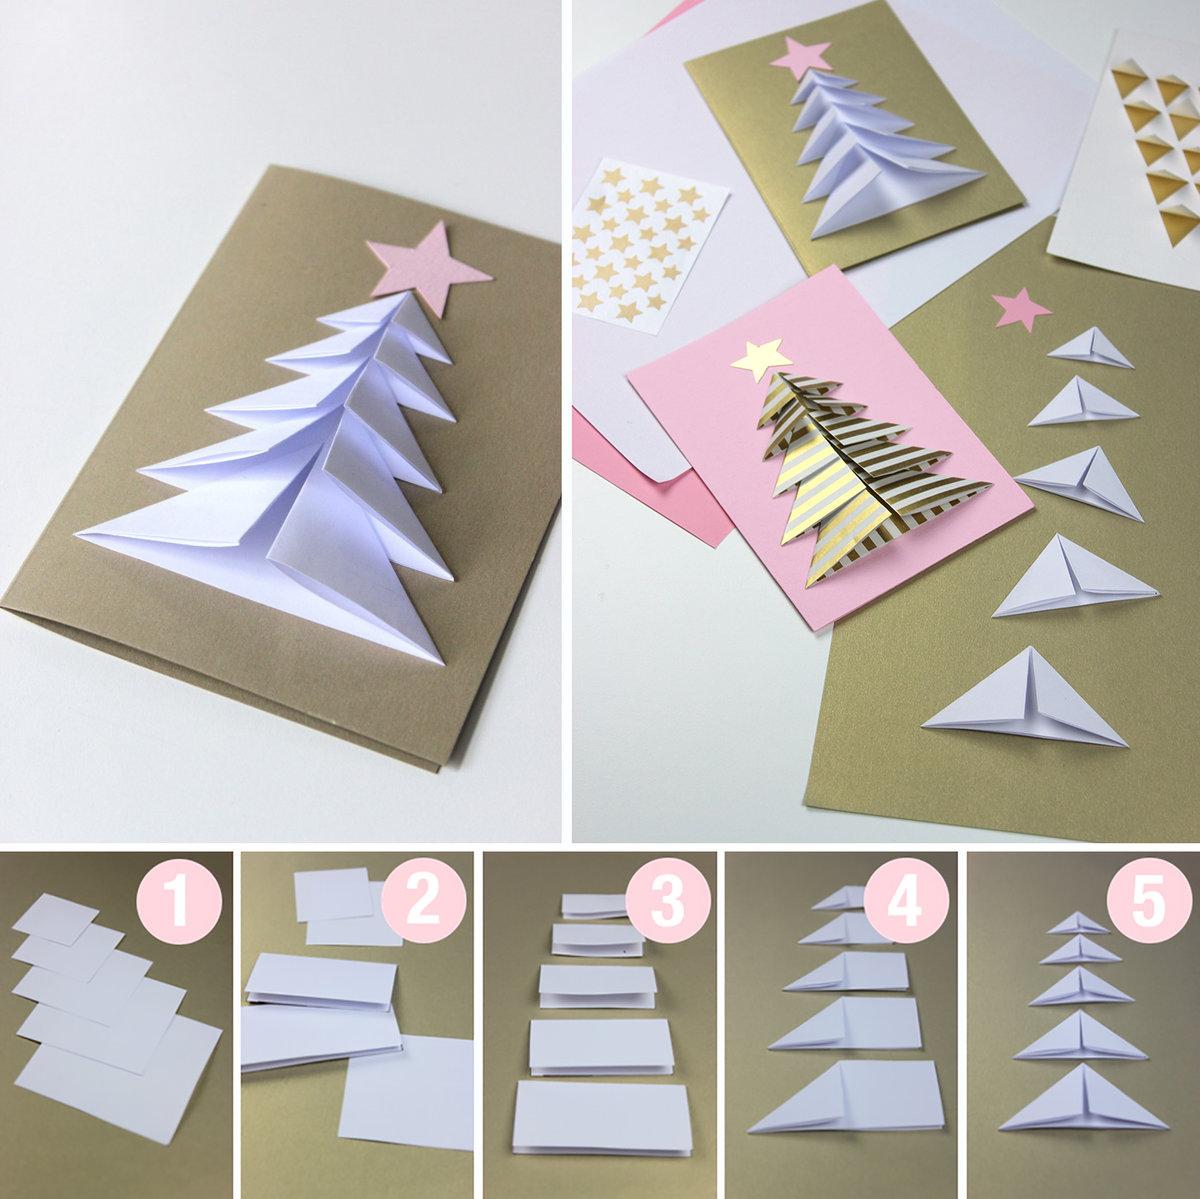 Простая открытка на новый год своими руками из бумаги, фото для